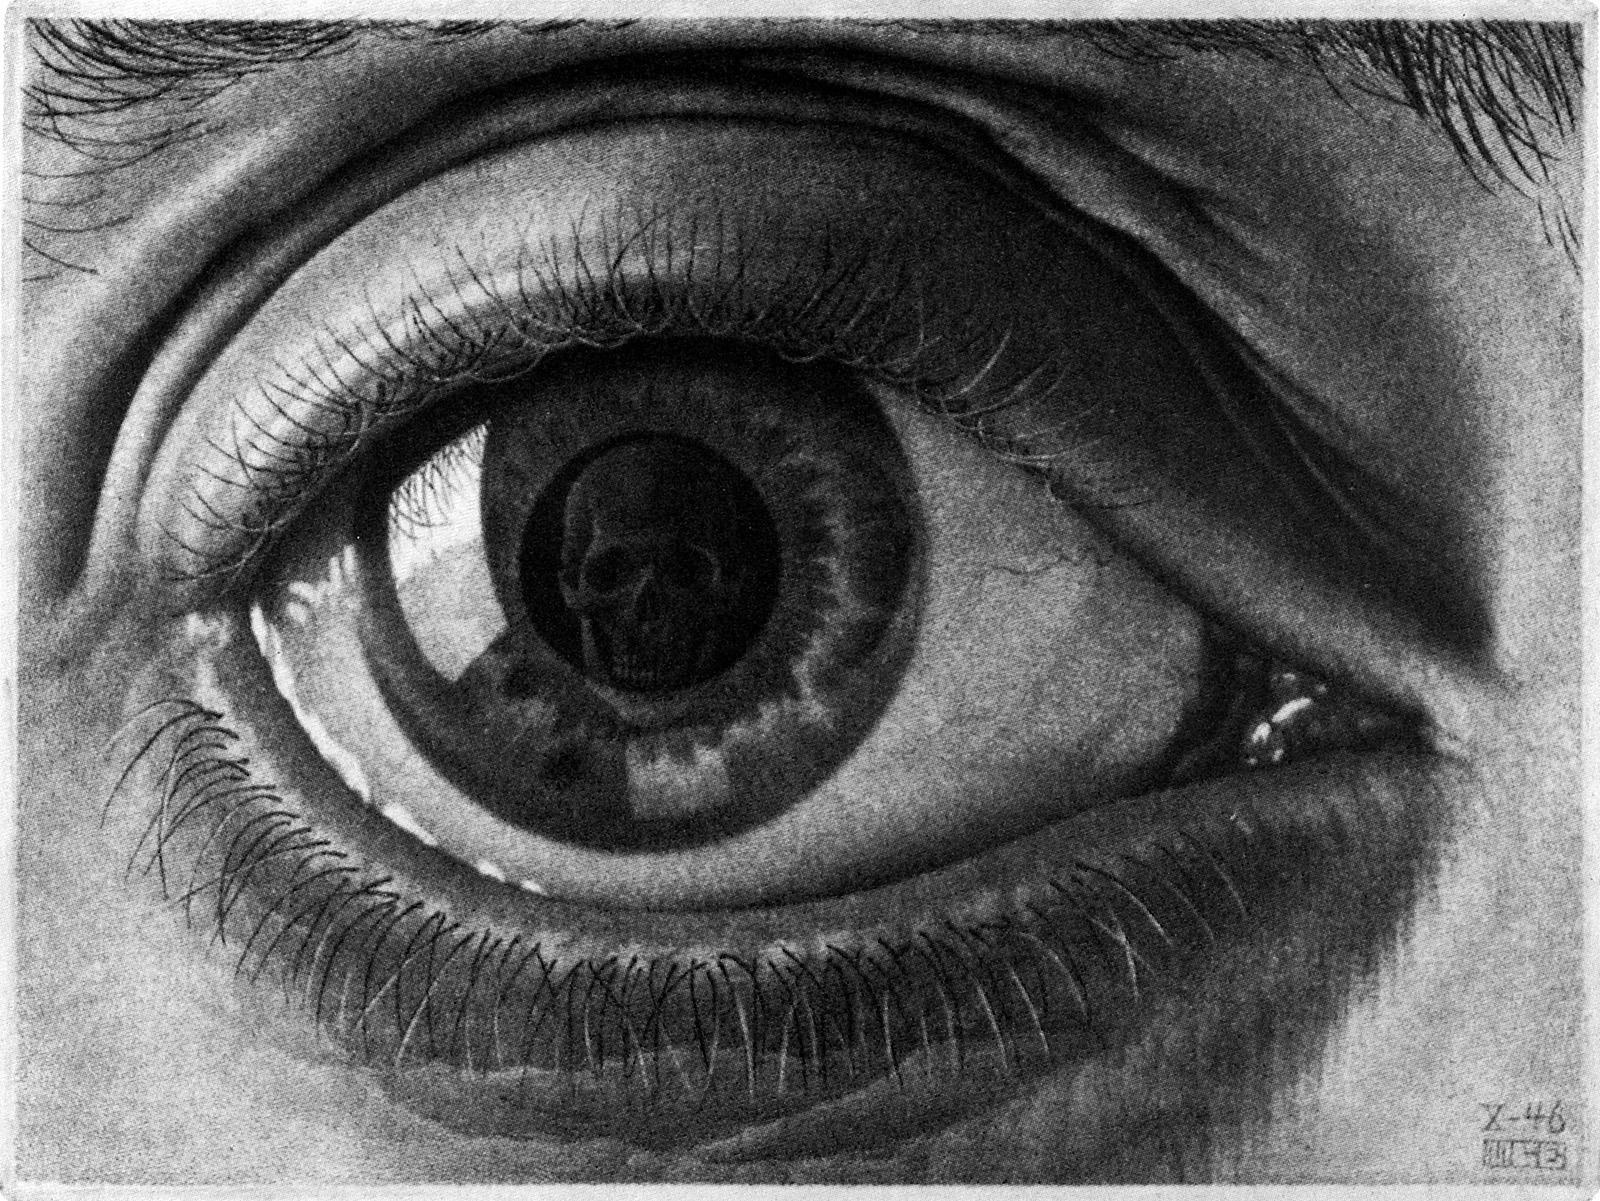 the life and work of maurits cornelis escher a dutch artist Info about m c escher use eve entities finder to  maurits cornelis escher was a dutch  gravitation is a mixed media work by the dutch artist m c escher.